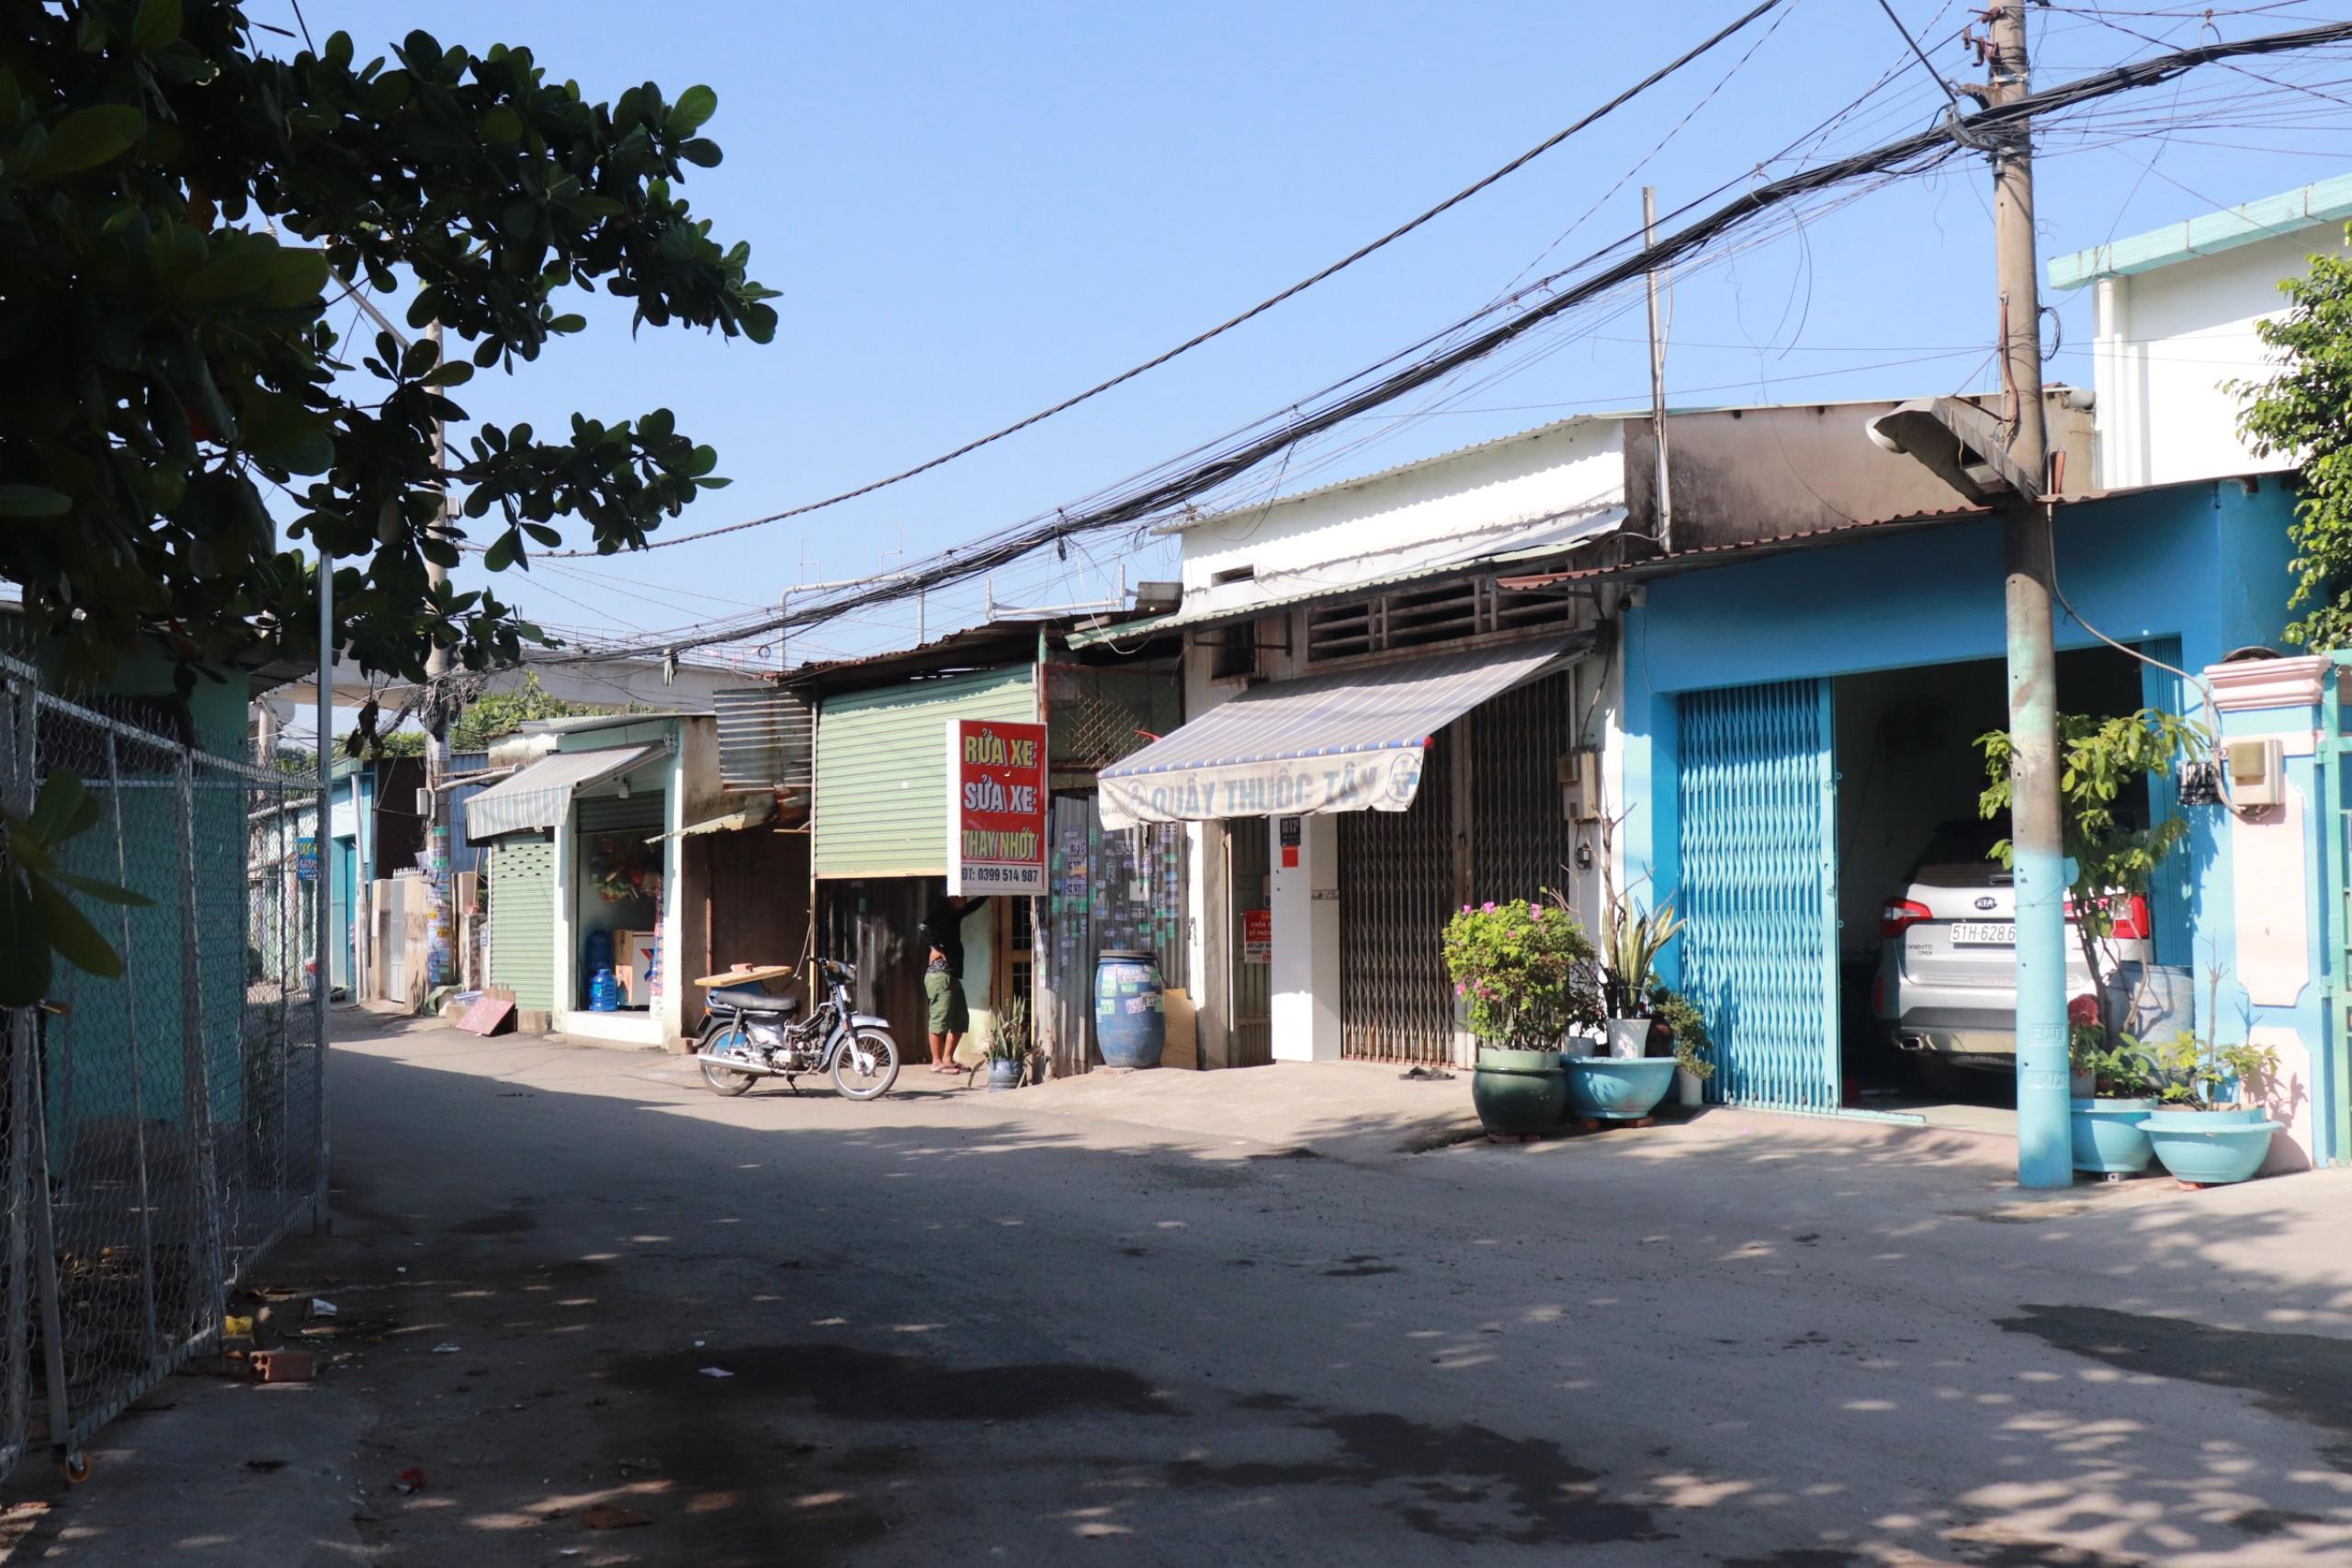 Đất dính quy hoạch ở phường Linh Trung, TP Thủ Đức, TP HCM - Ảnh 8.